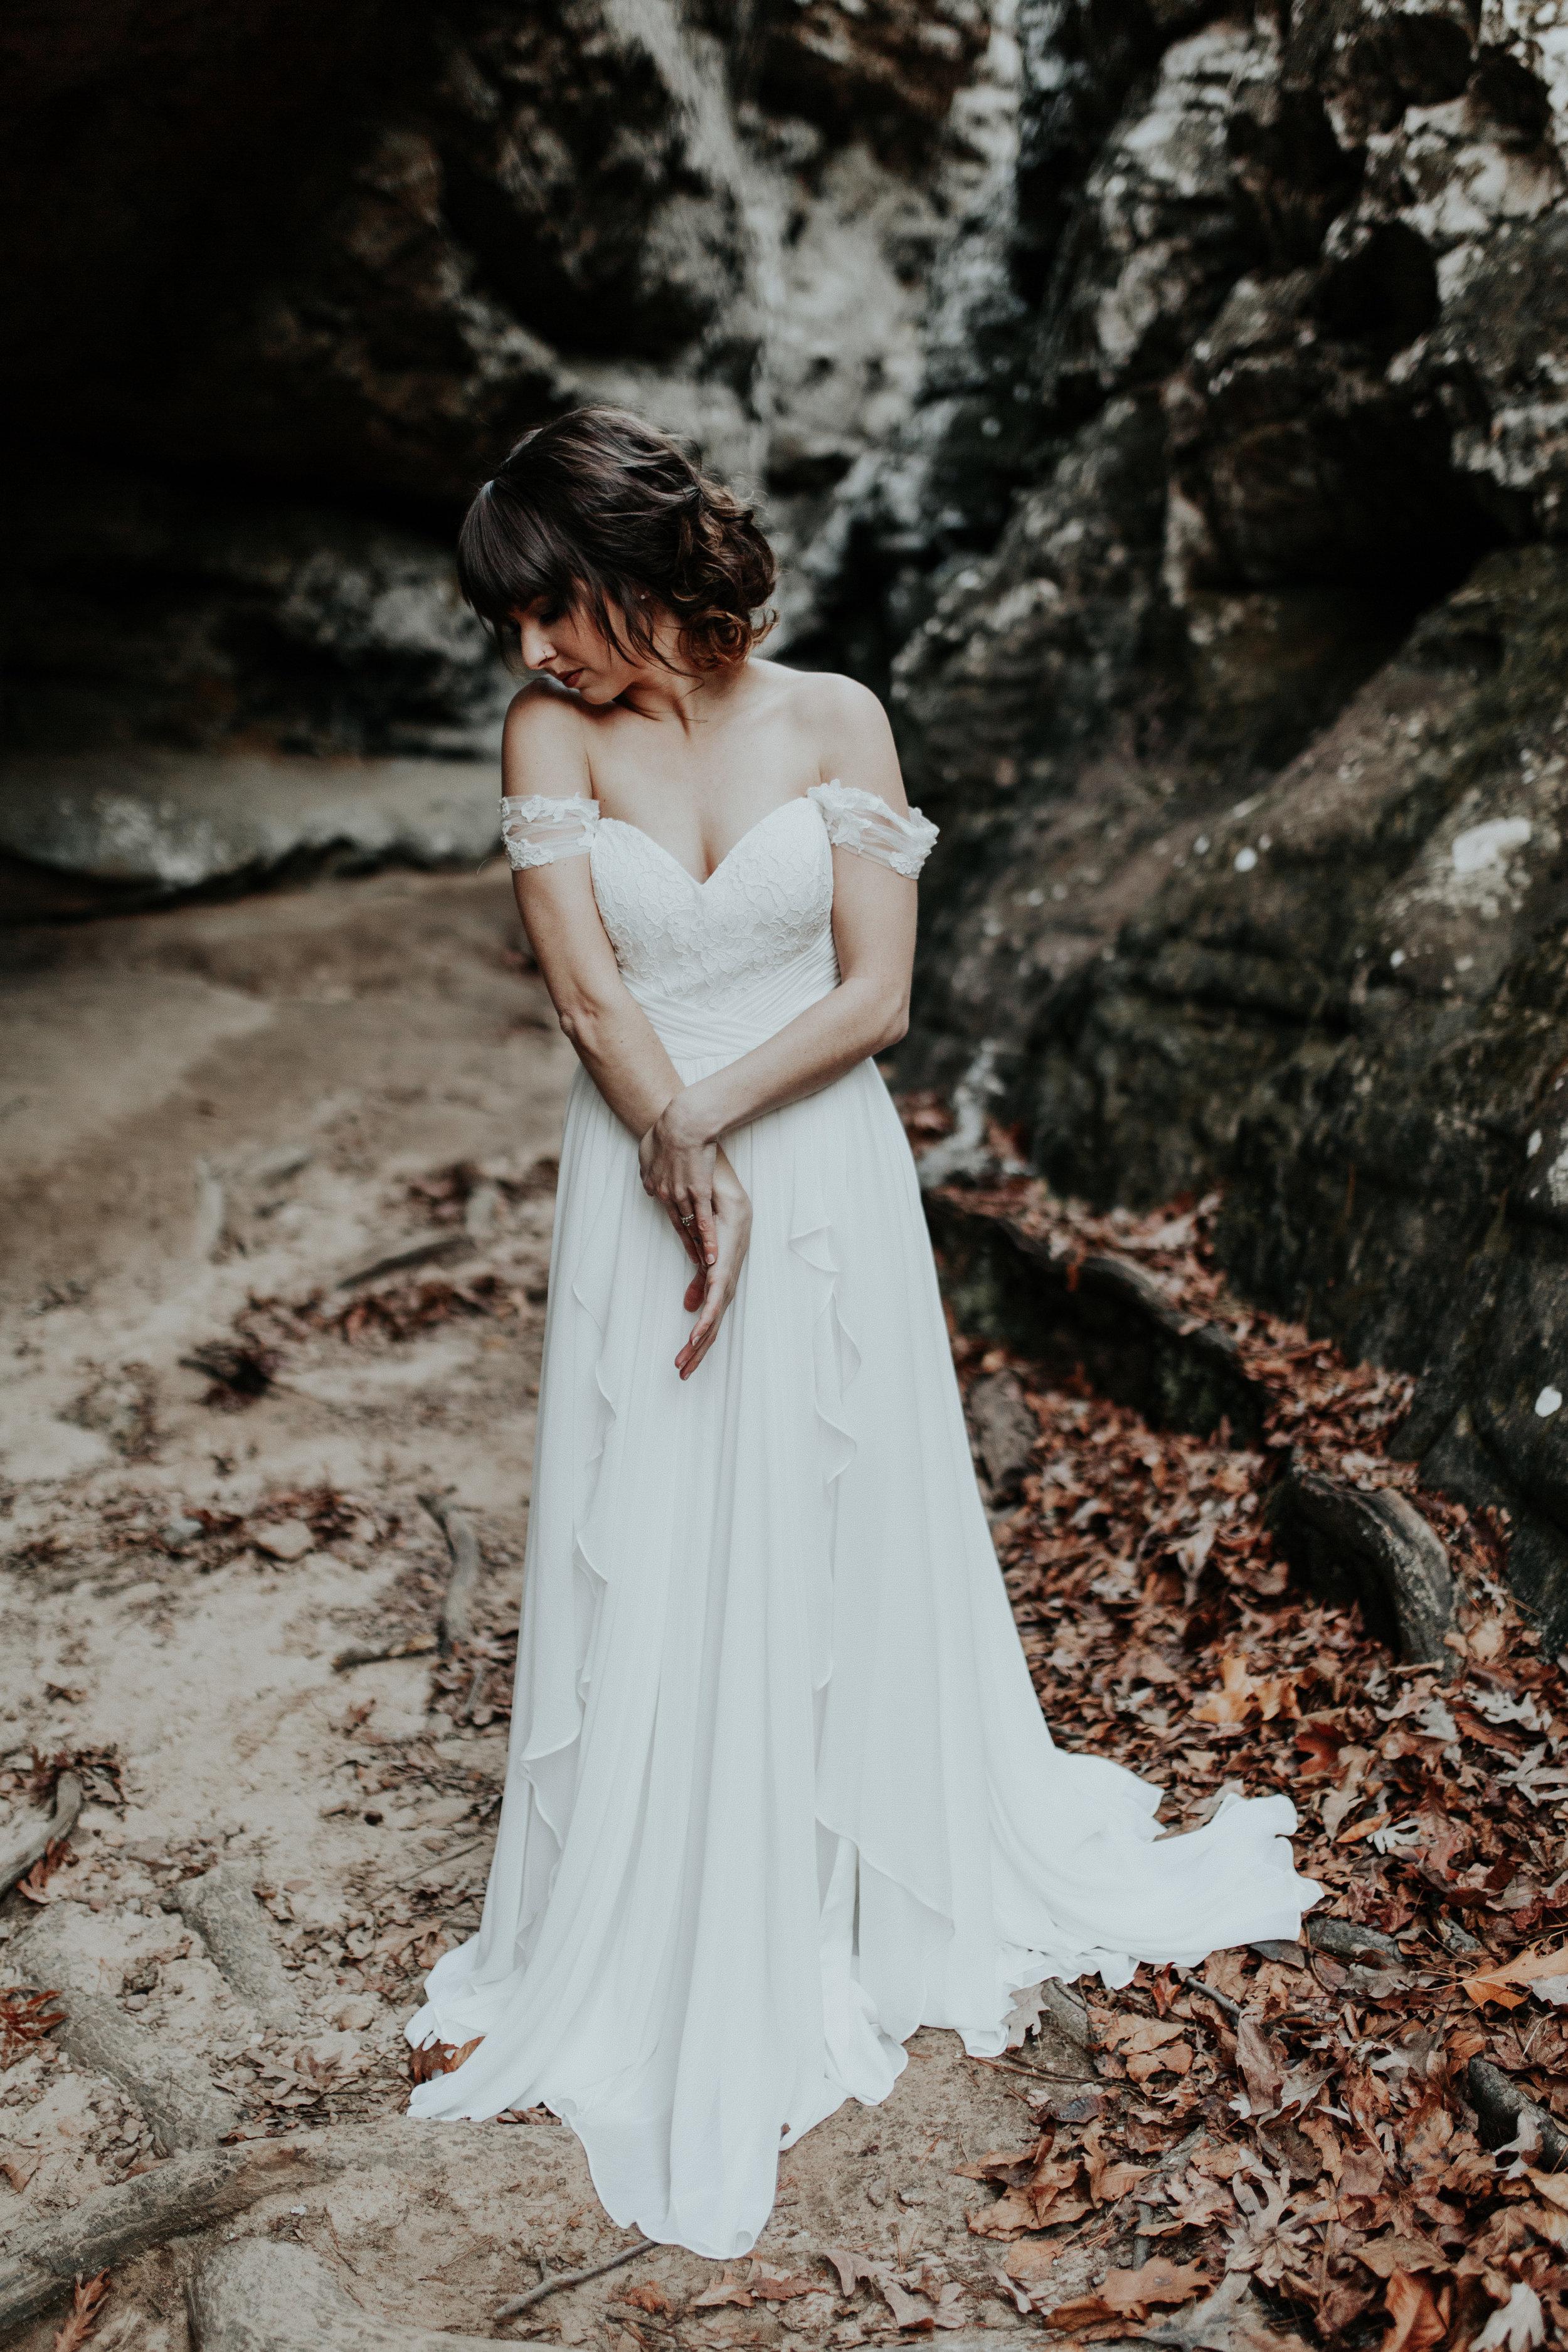 Andy Roberts Photography - Wedding Photographer in Shreveport, La